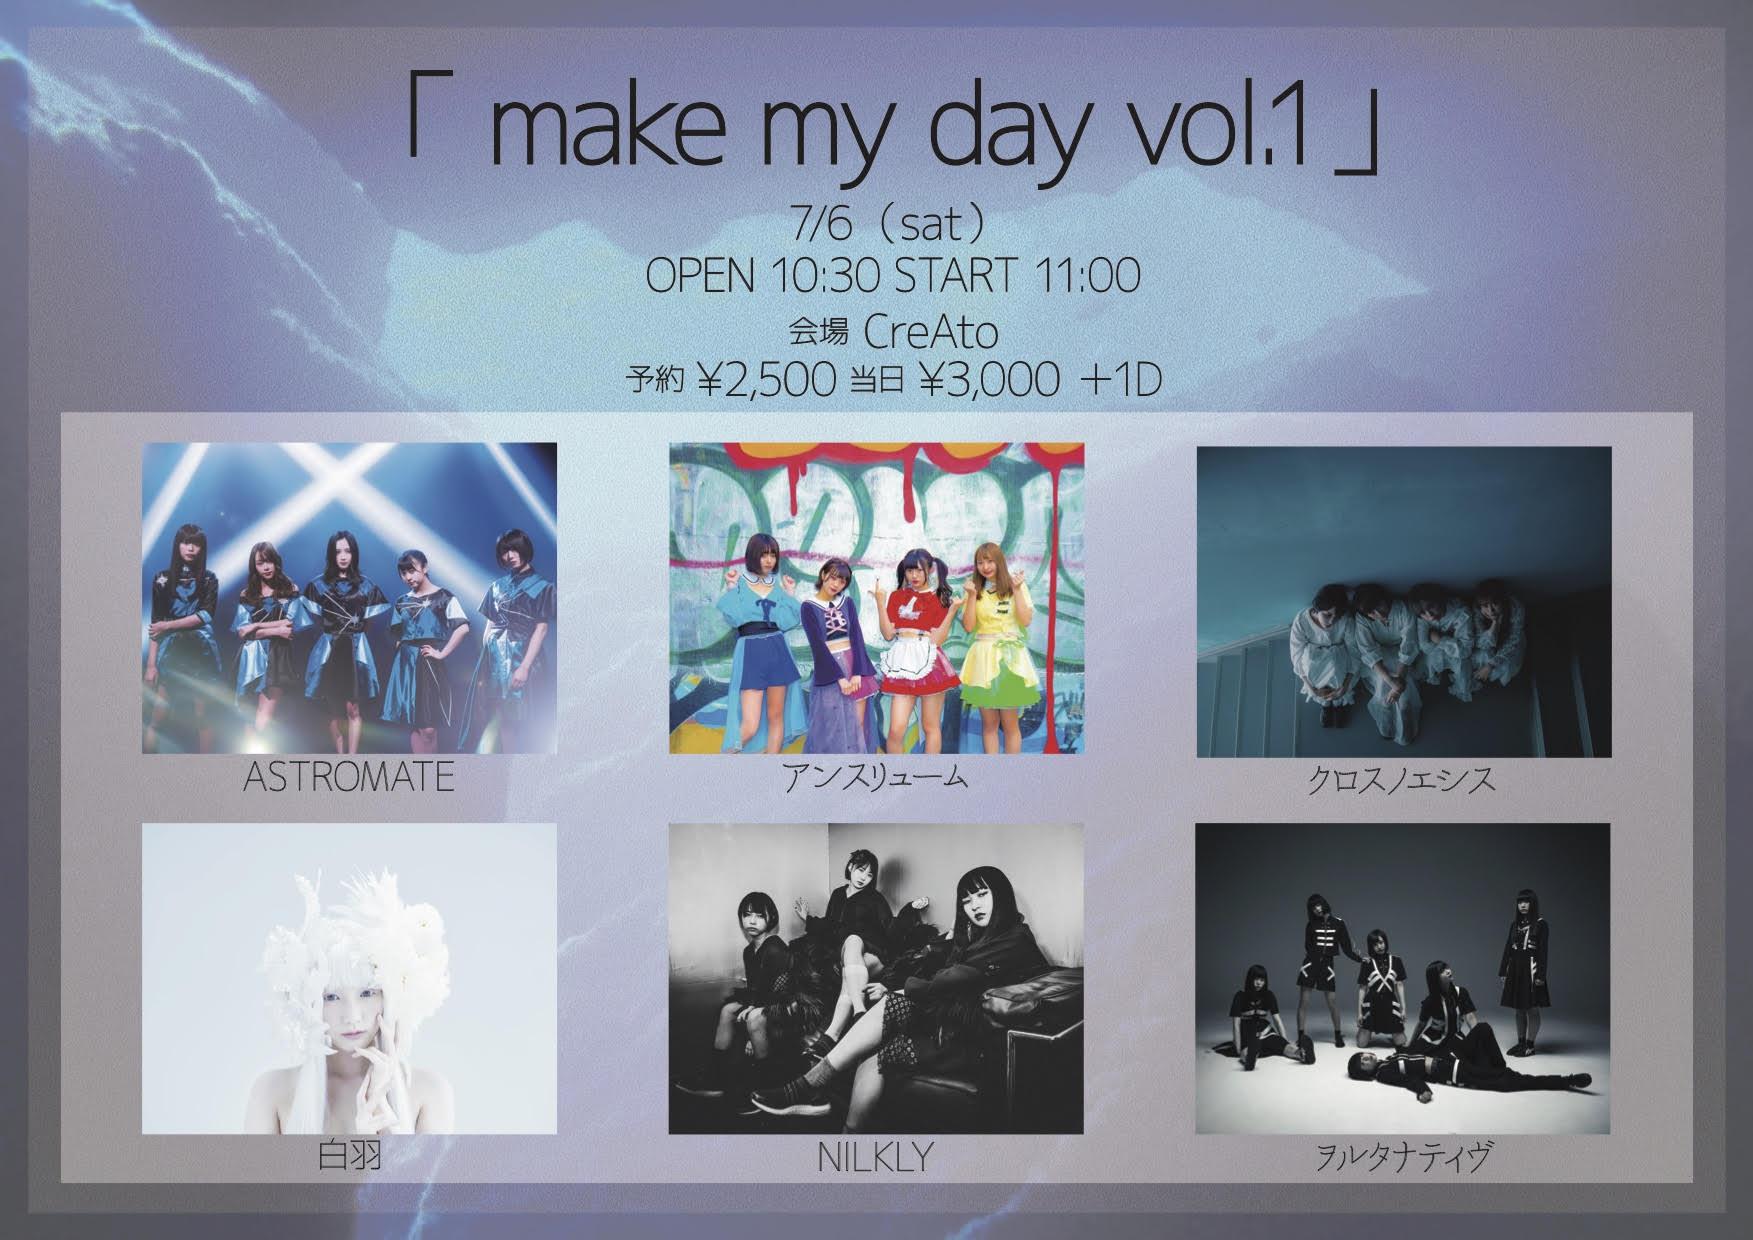 2019.07.06 「make my day vol.1」